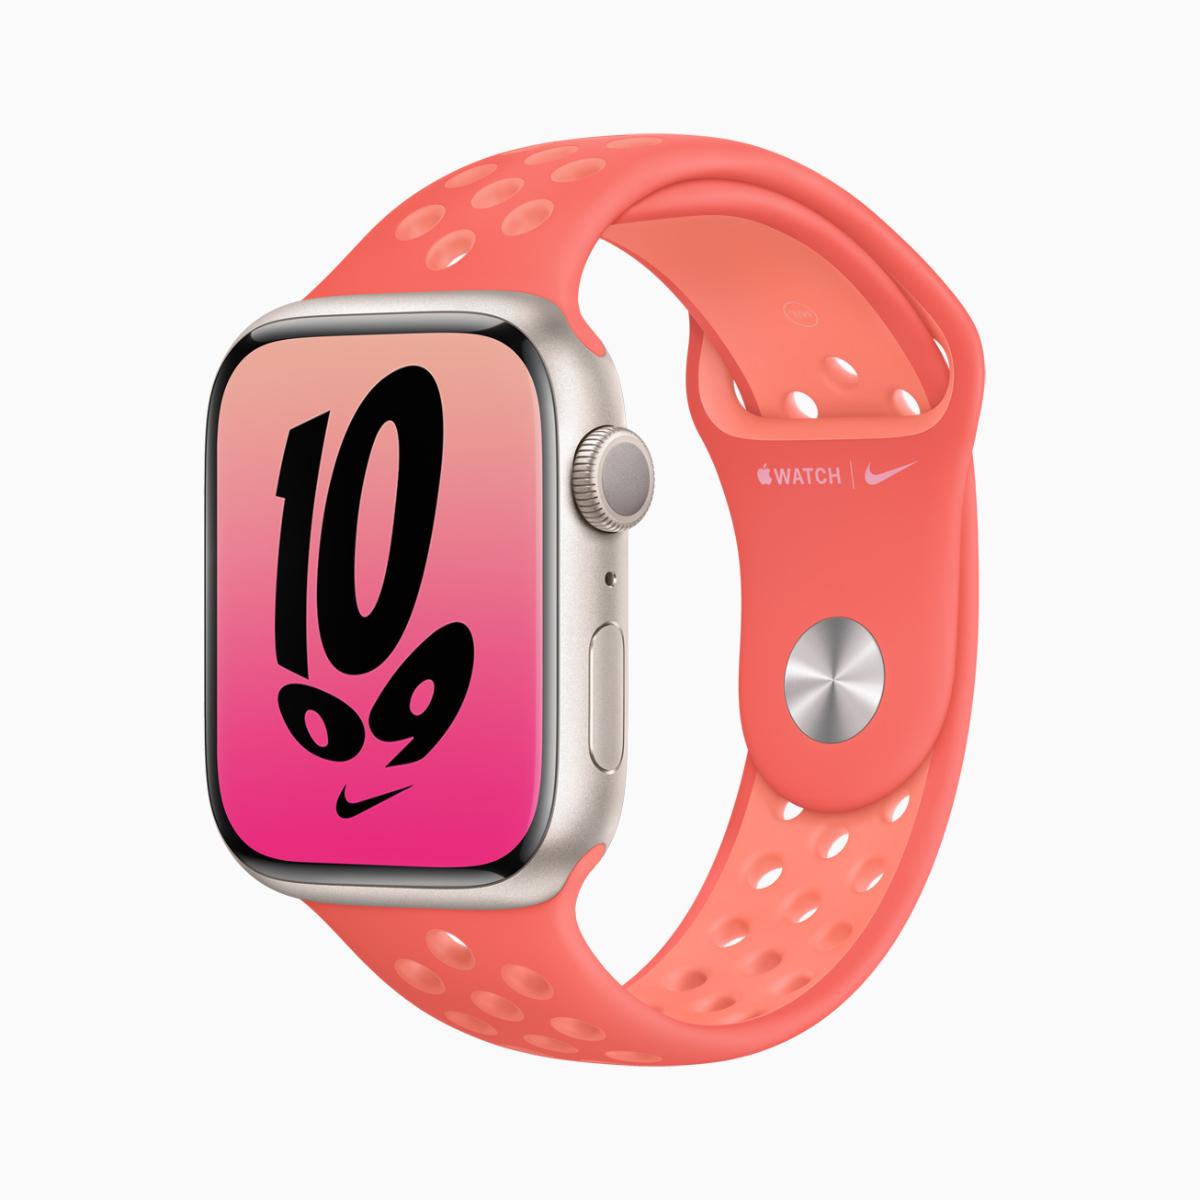 ontop.vn Apple watch series7 contour face 09142021Apple watch series7 nike 02 09142021